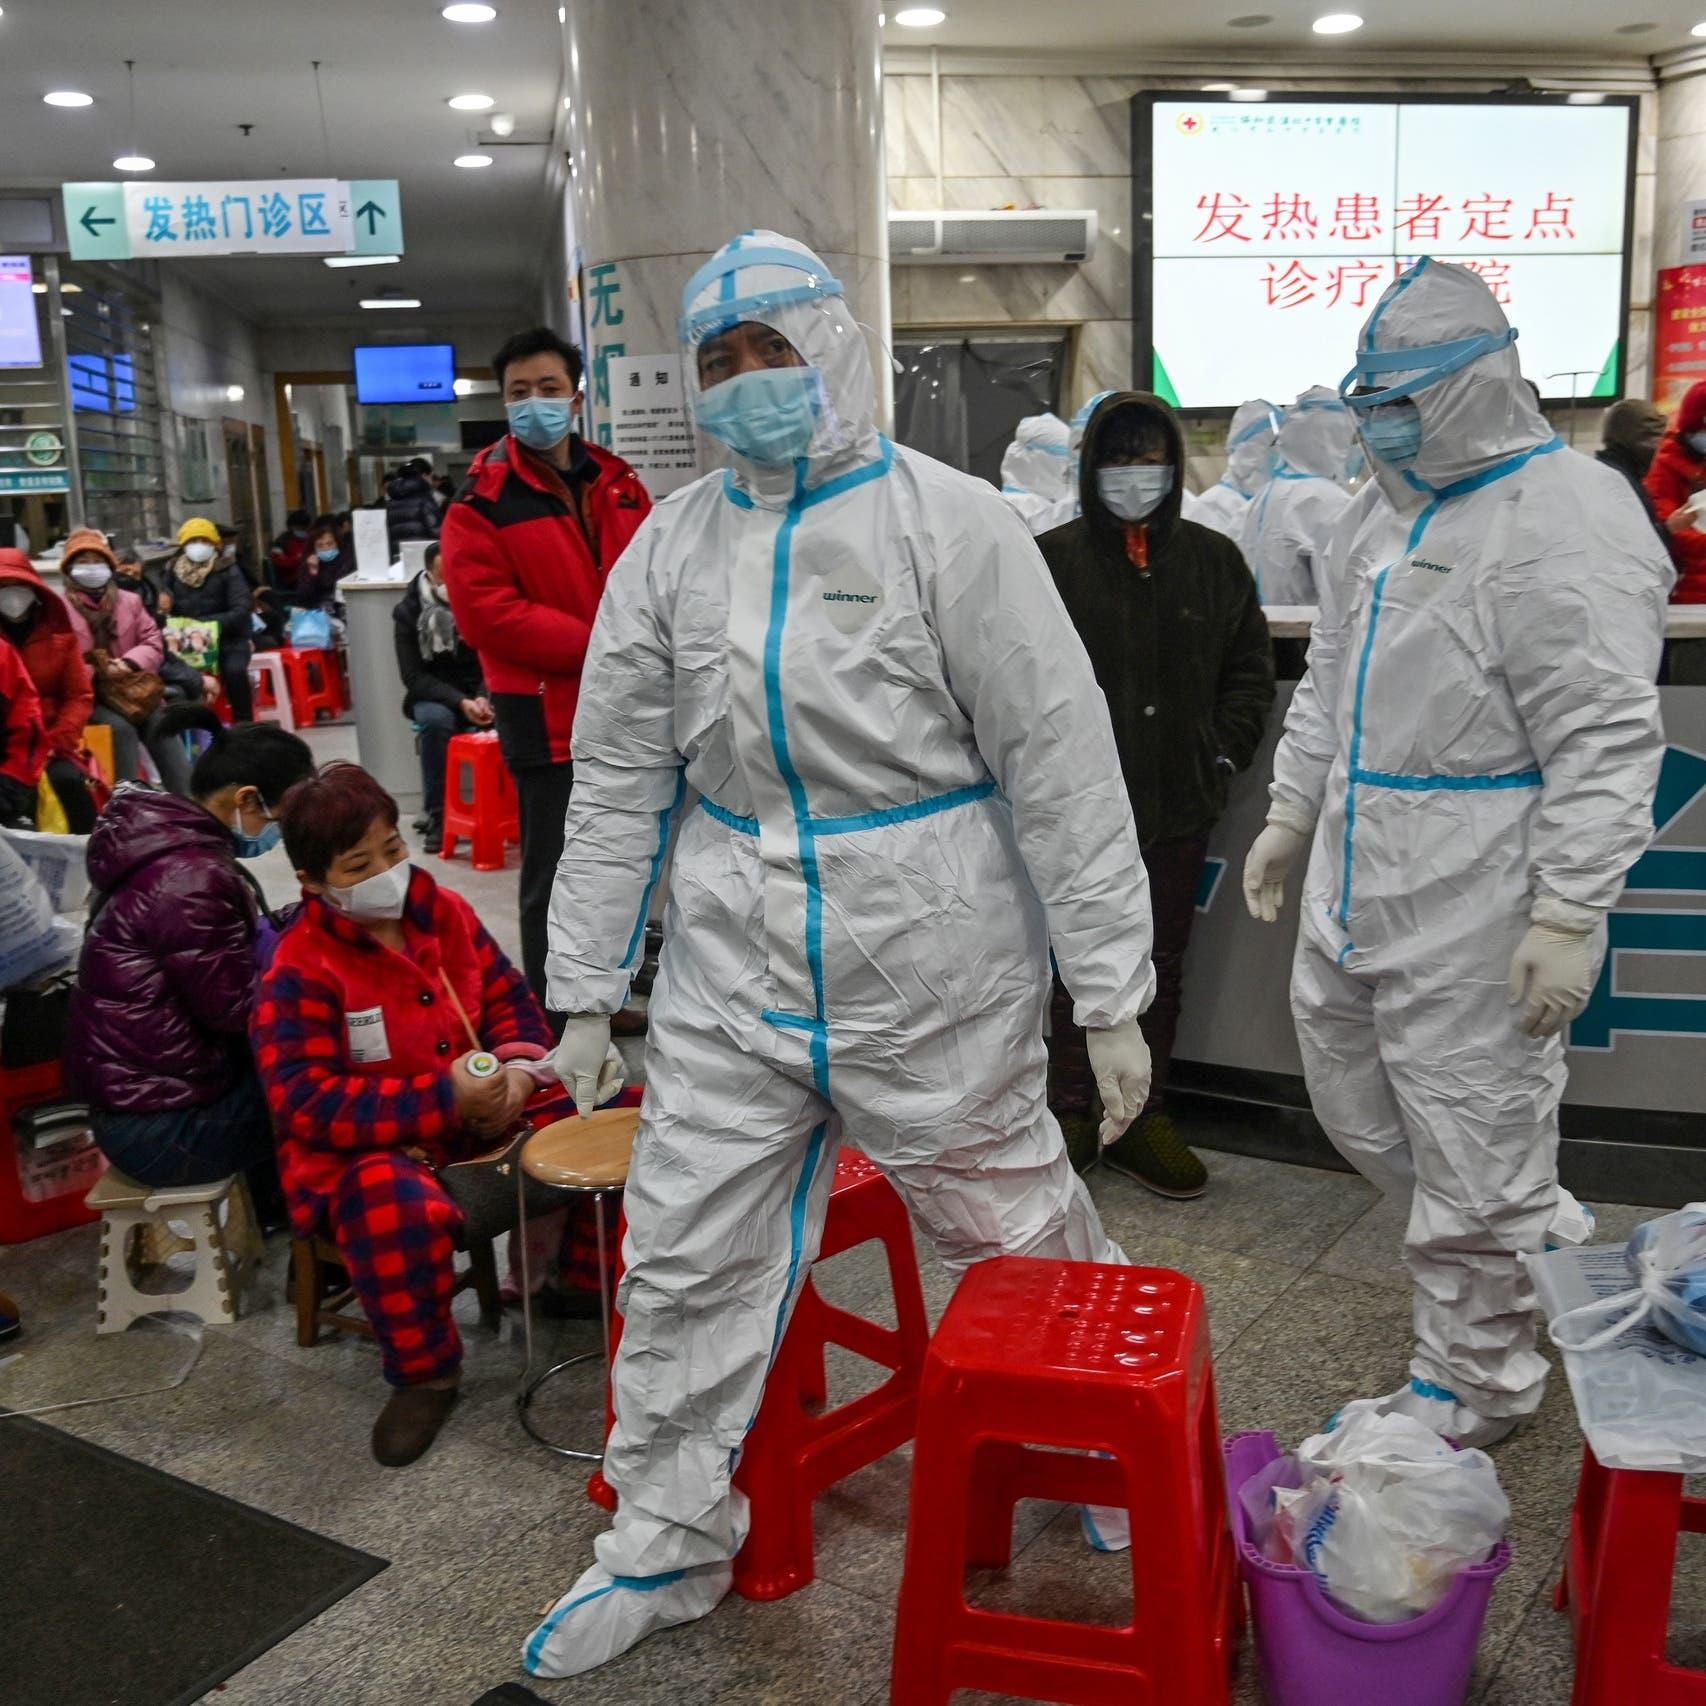 كورونا يبث الذعر.. ورئيس الصين: الوباء ينتشر بسرعة